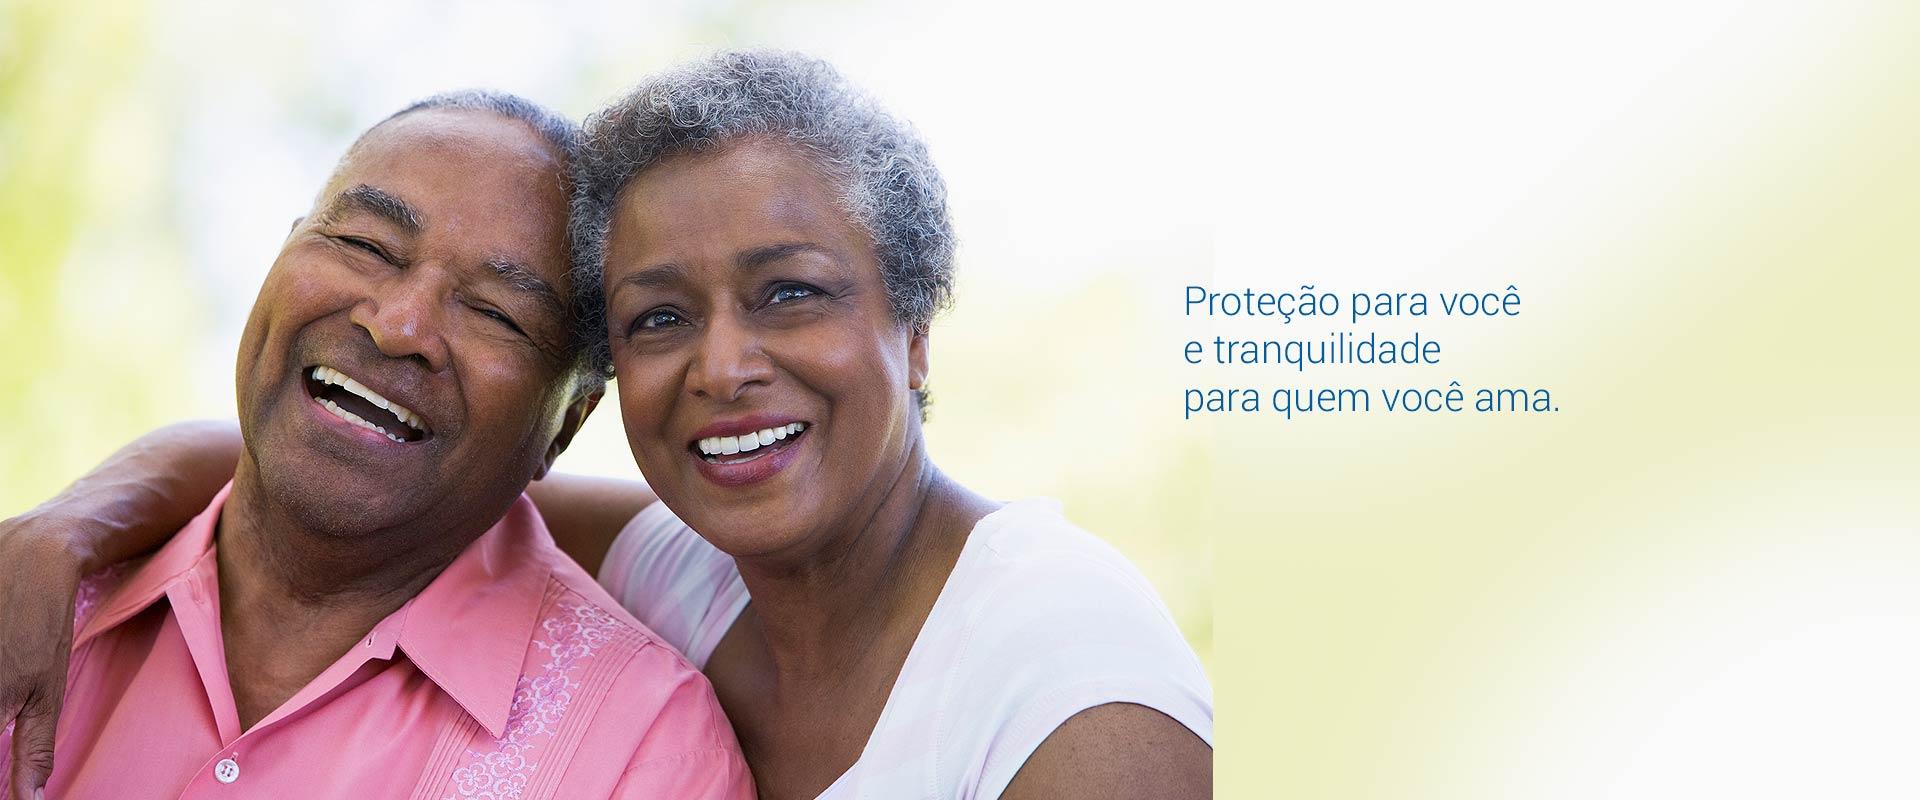 Proteção para você